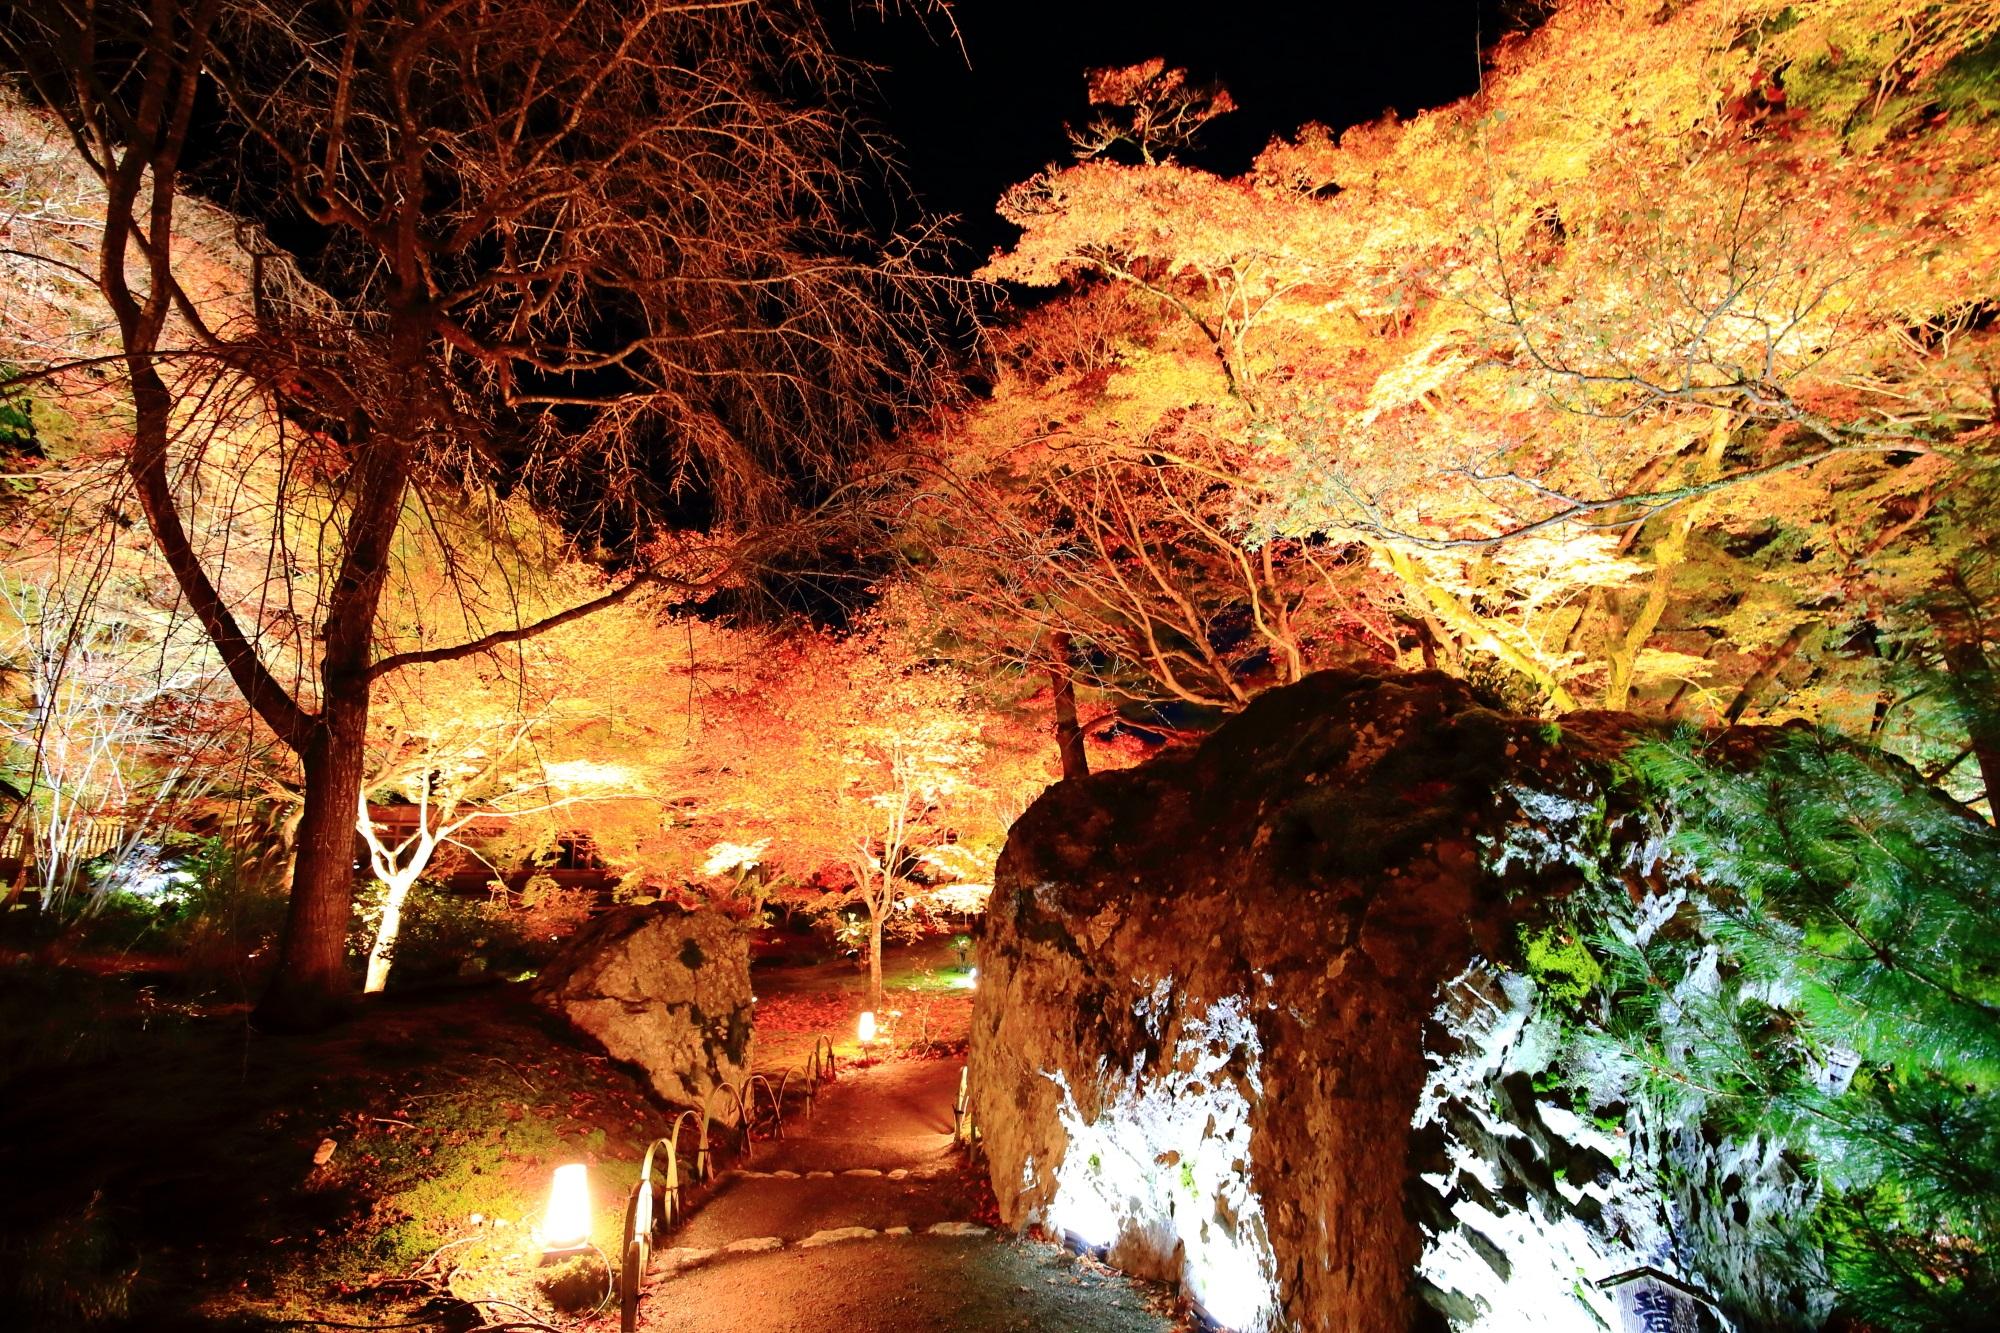 嵐山天龍寺の宝厳院の碧岩と見ごろの紅葉ライトアップ